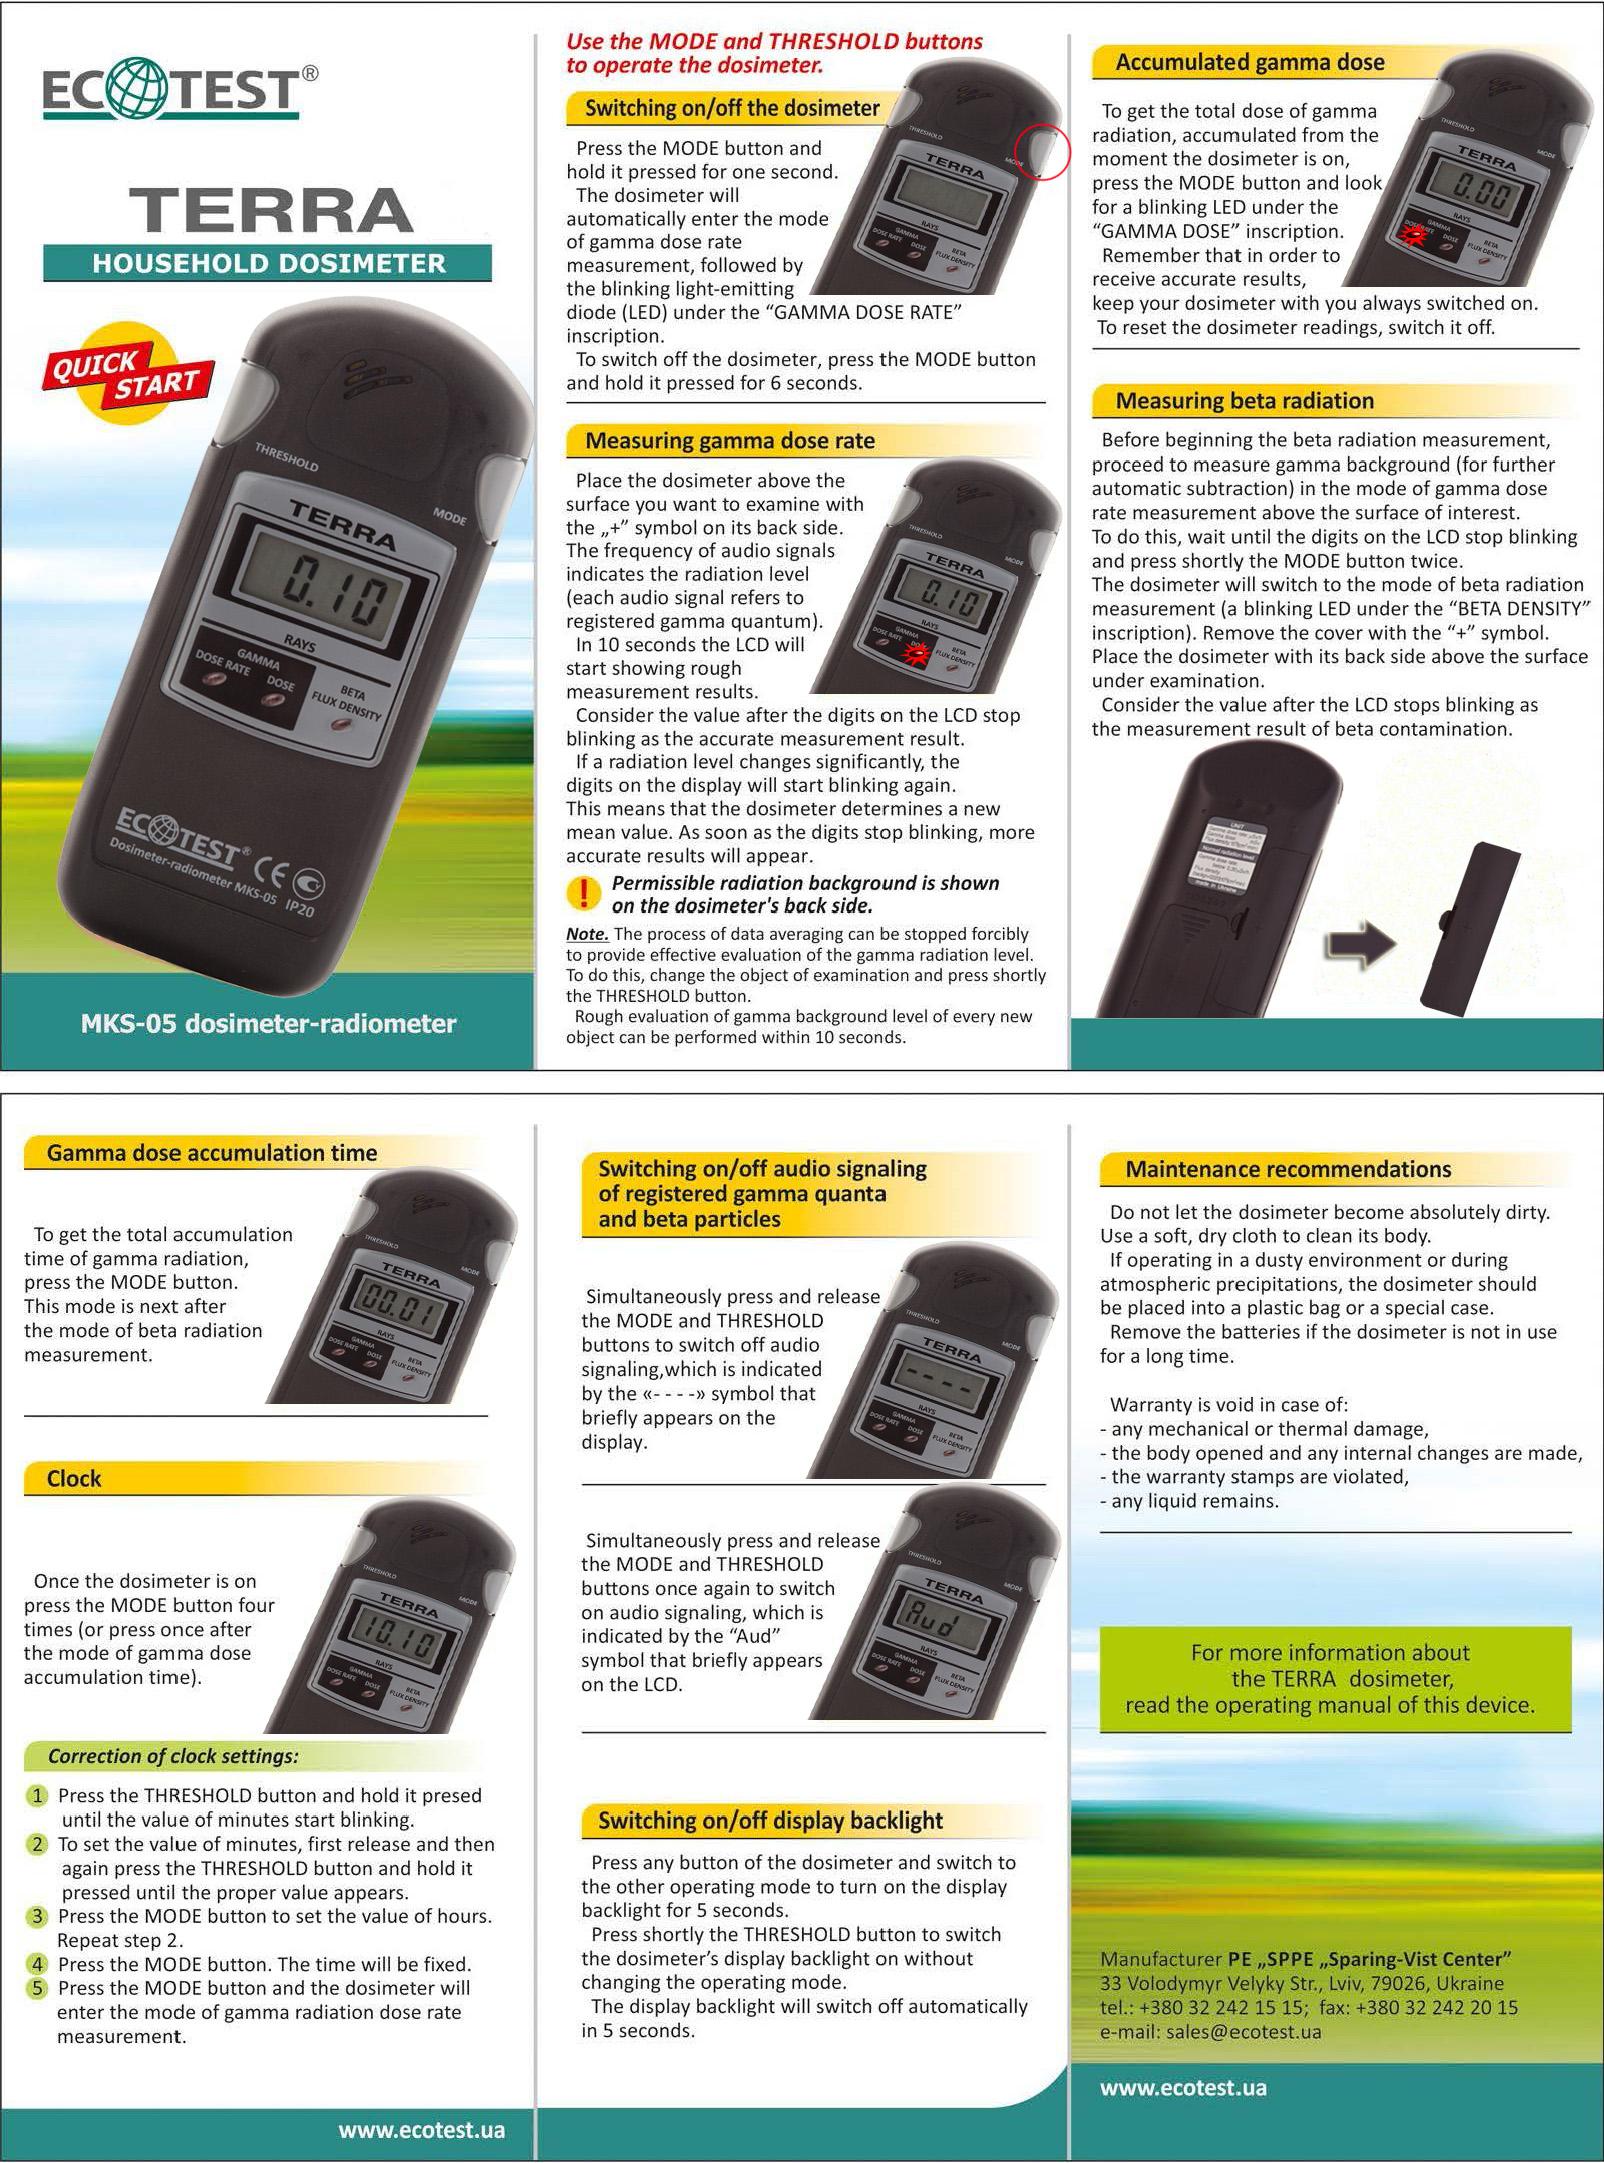 Дозиметр мкс-05 терра | отзывы покупателей, акции, лучшая цена.